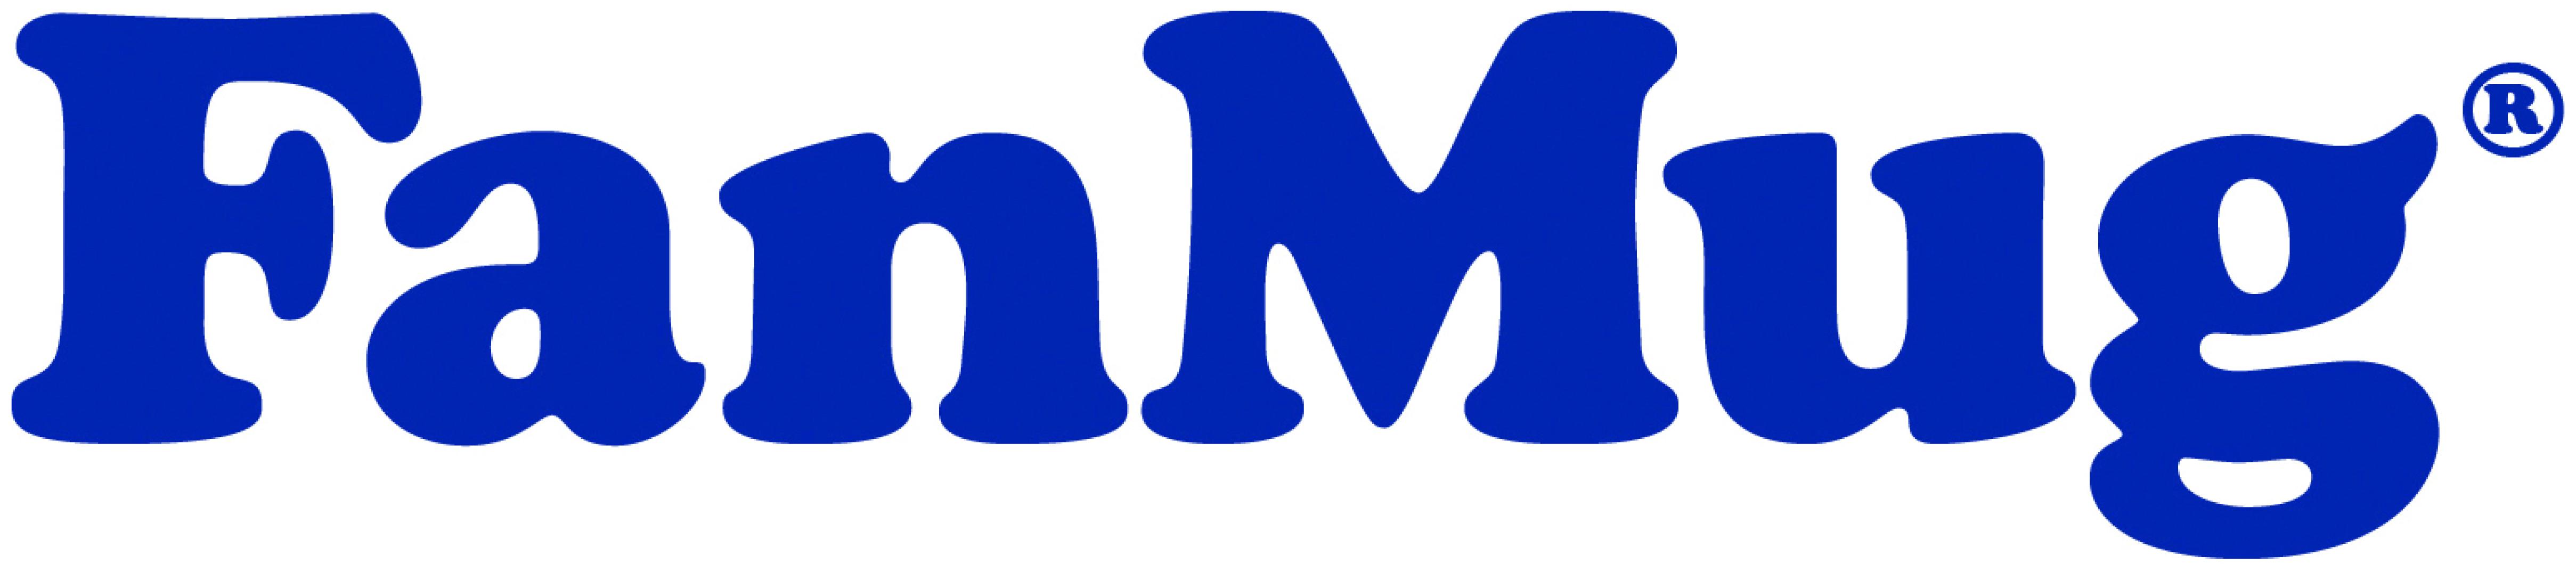 FanMug logo JPEG